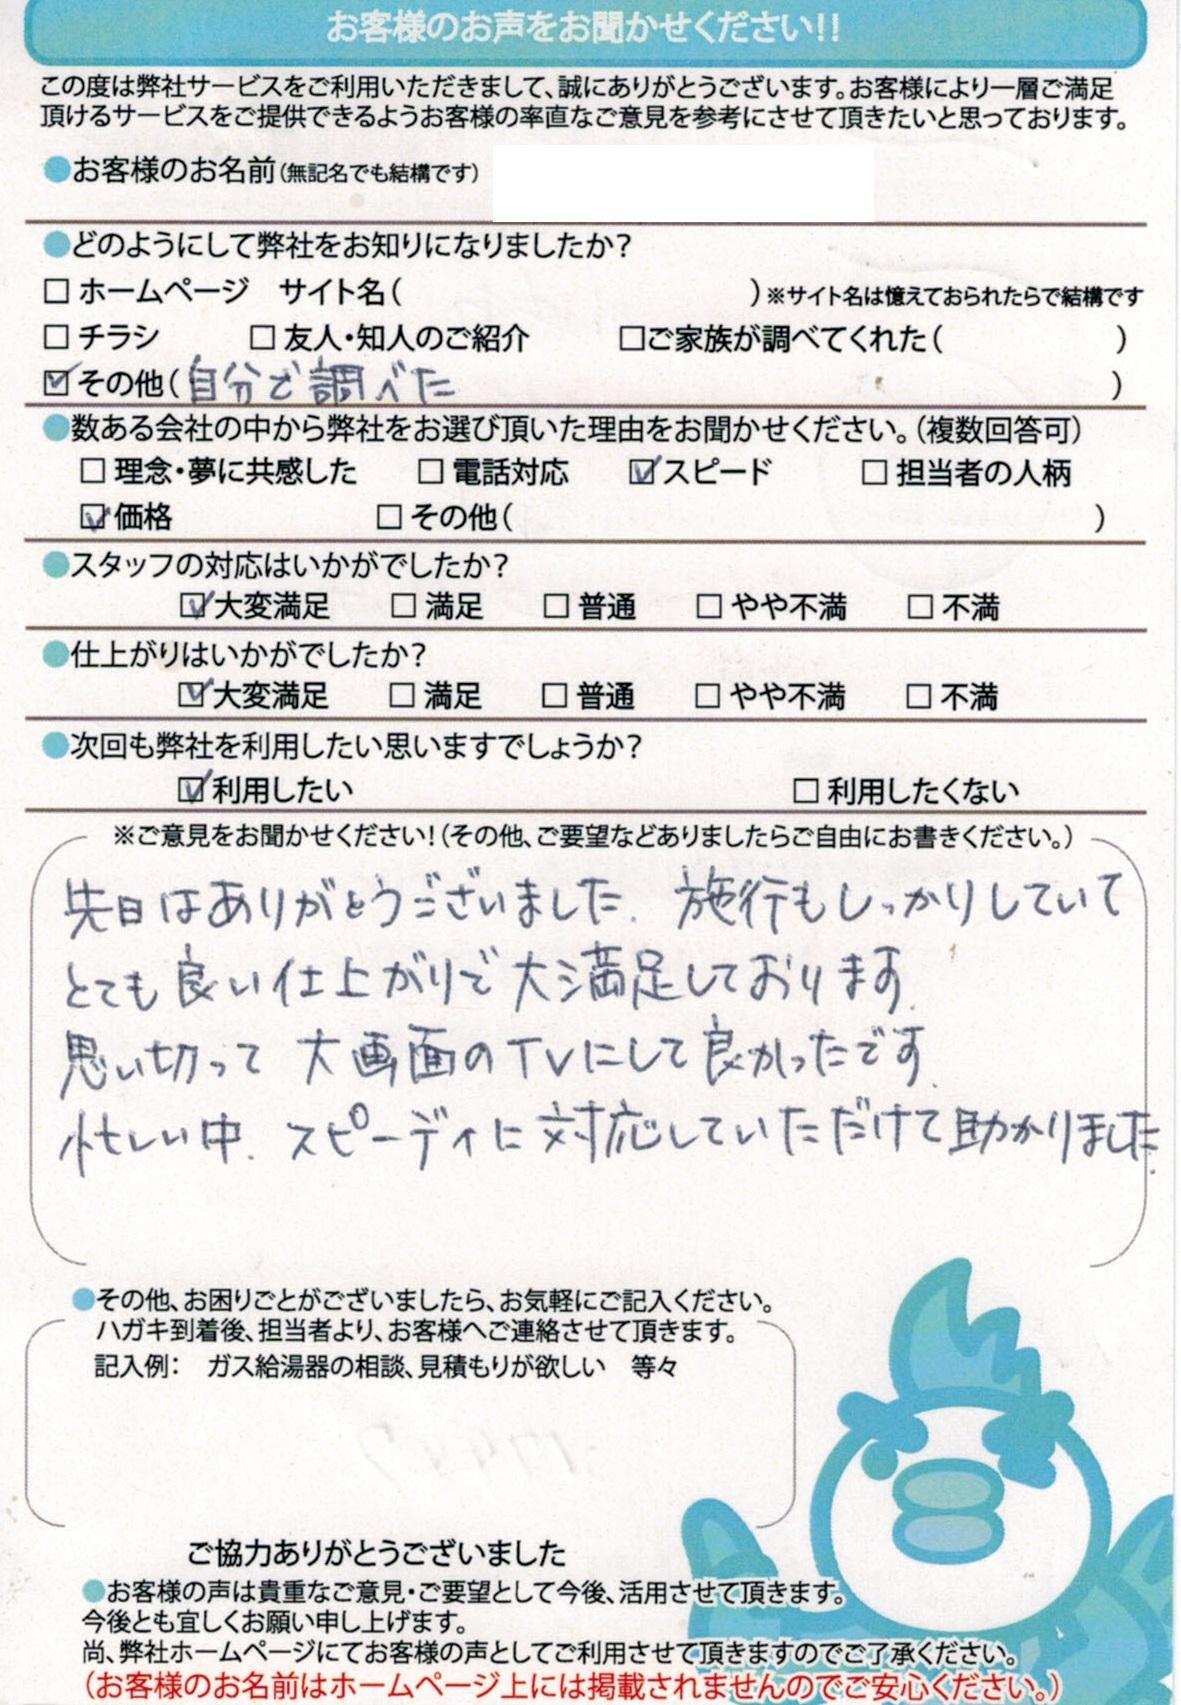 【ハガキ】川崎市浴室テレビ交換工事お客様の声【アンシンサービス24】